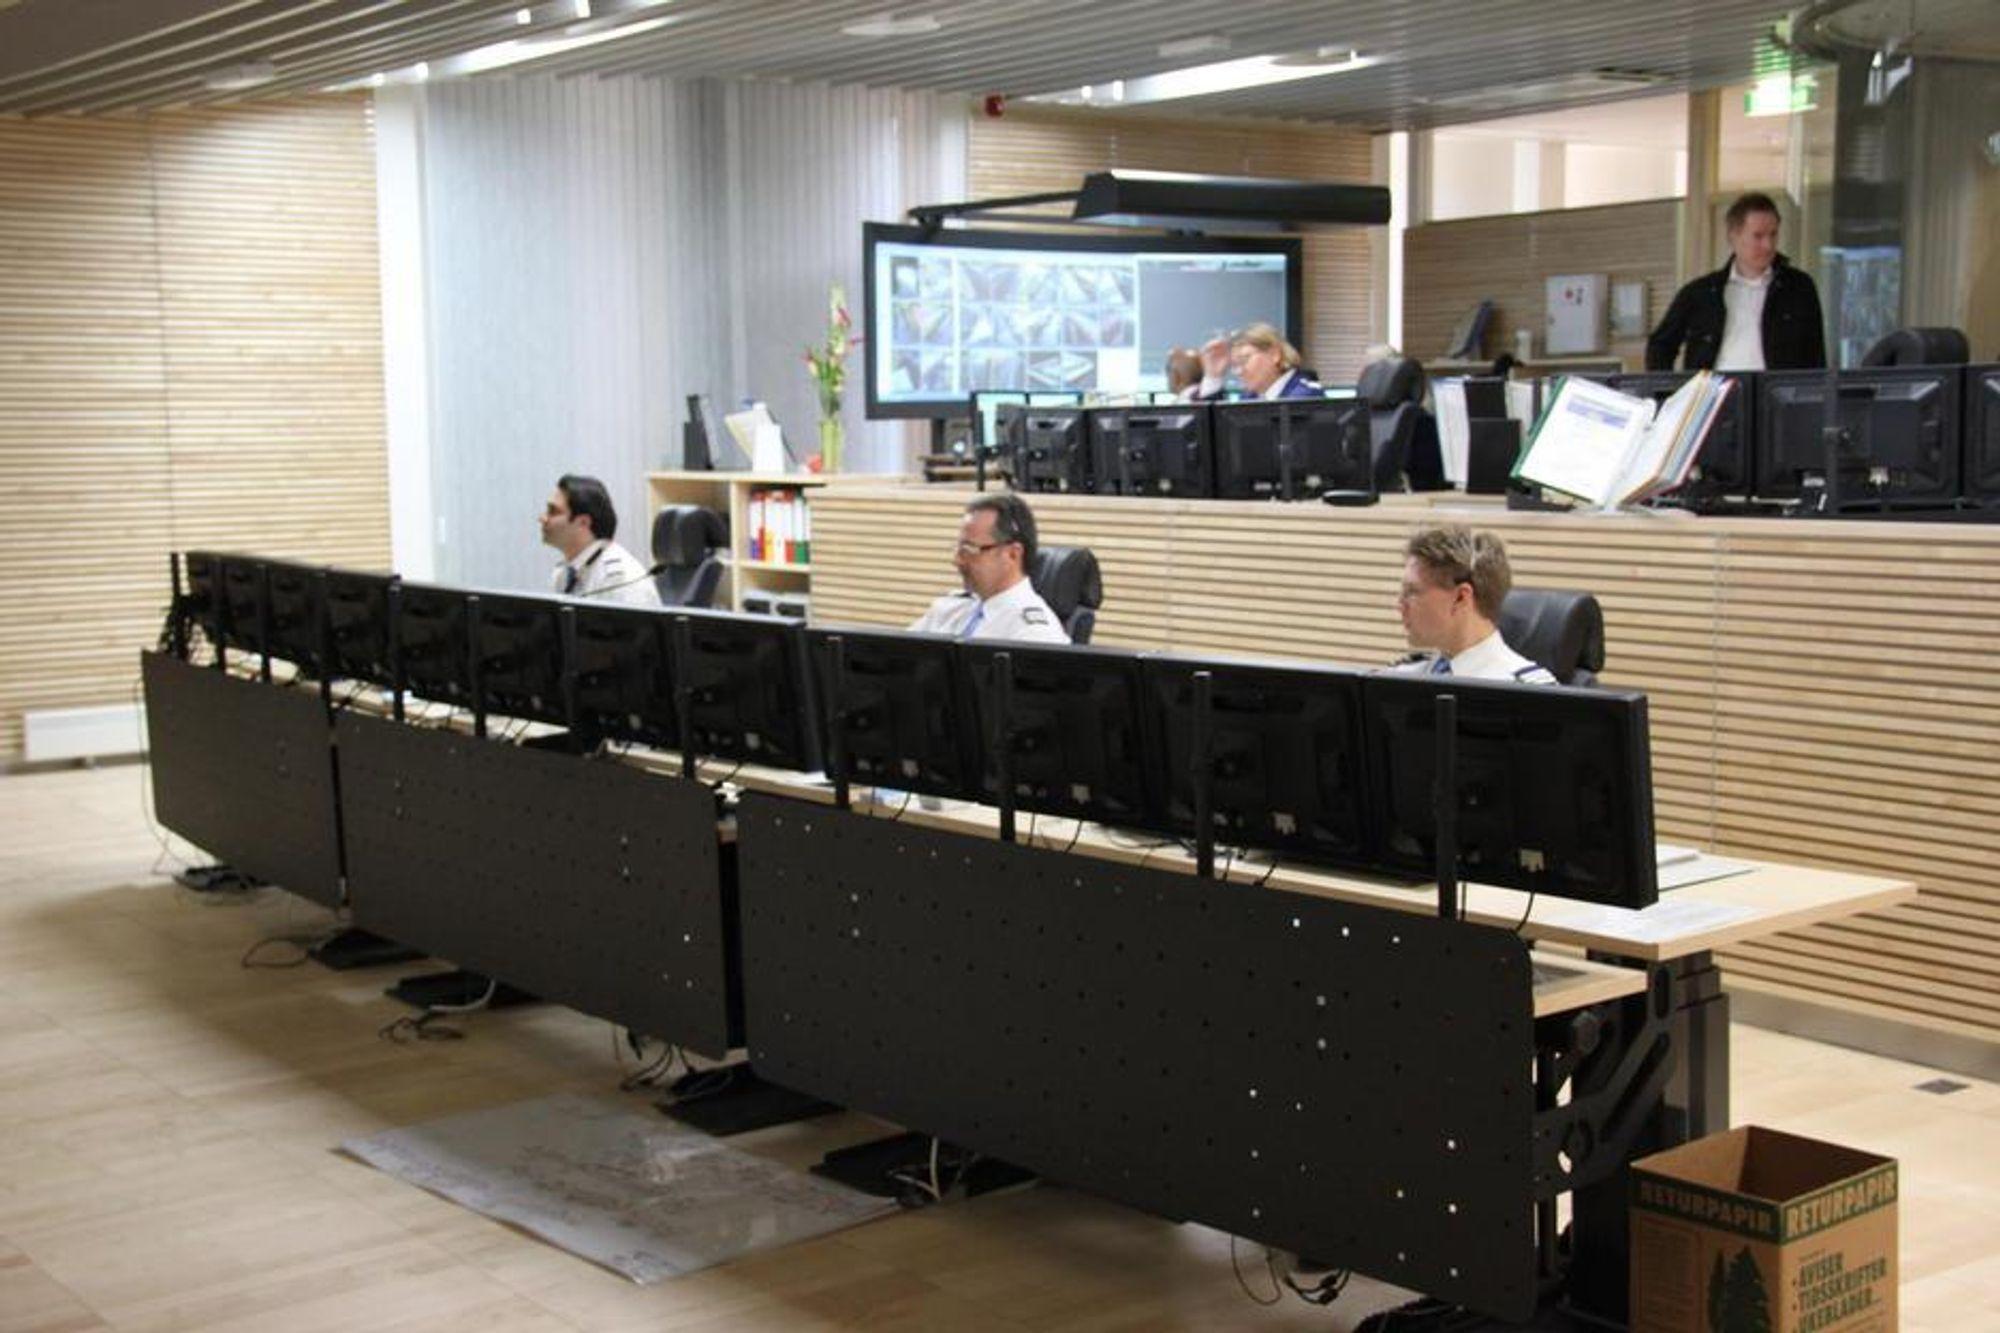 MIKROBLOGGERE: På driftssentralen ved Oslo T-banedrift brukes mikroblogging aktivt for å spre oppdatert informasjon hurtigst mulig.